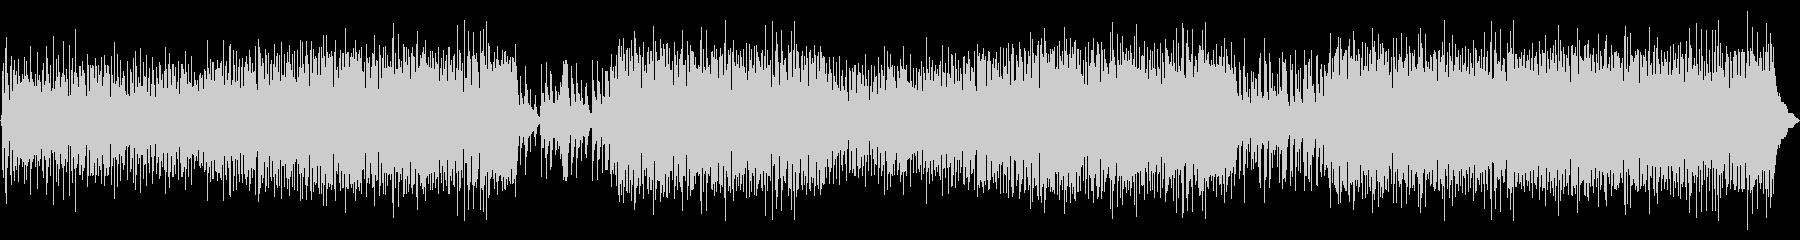 サンバのグルーヴにトランペットとフ...の未再生の波形